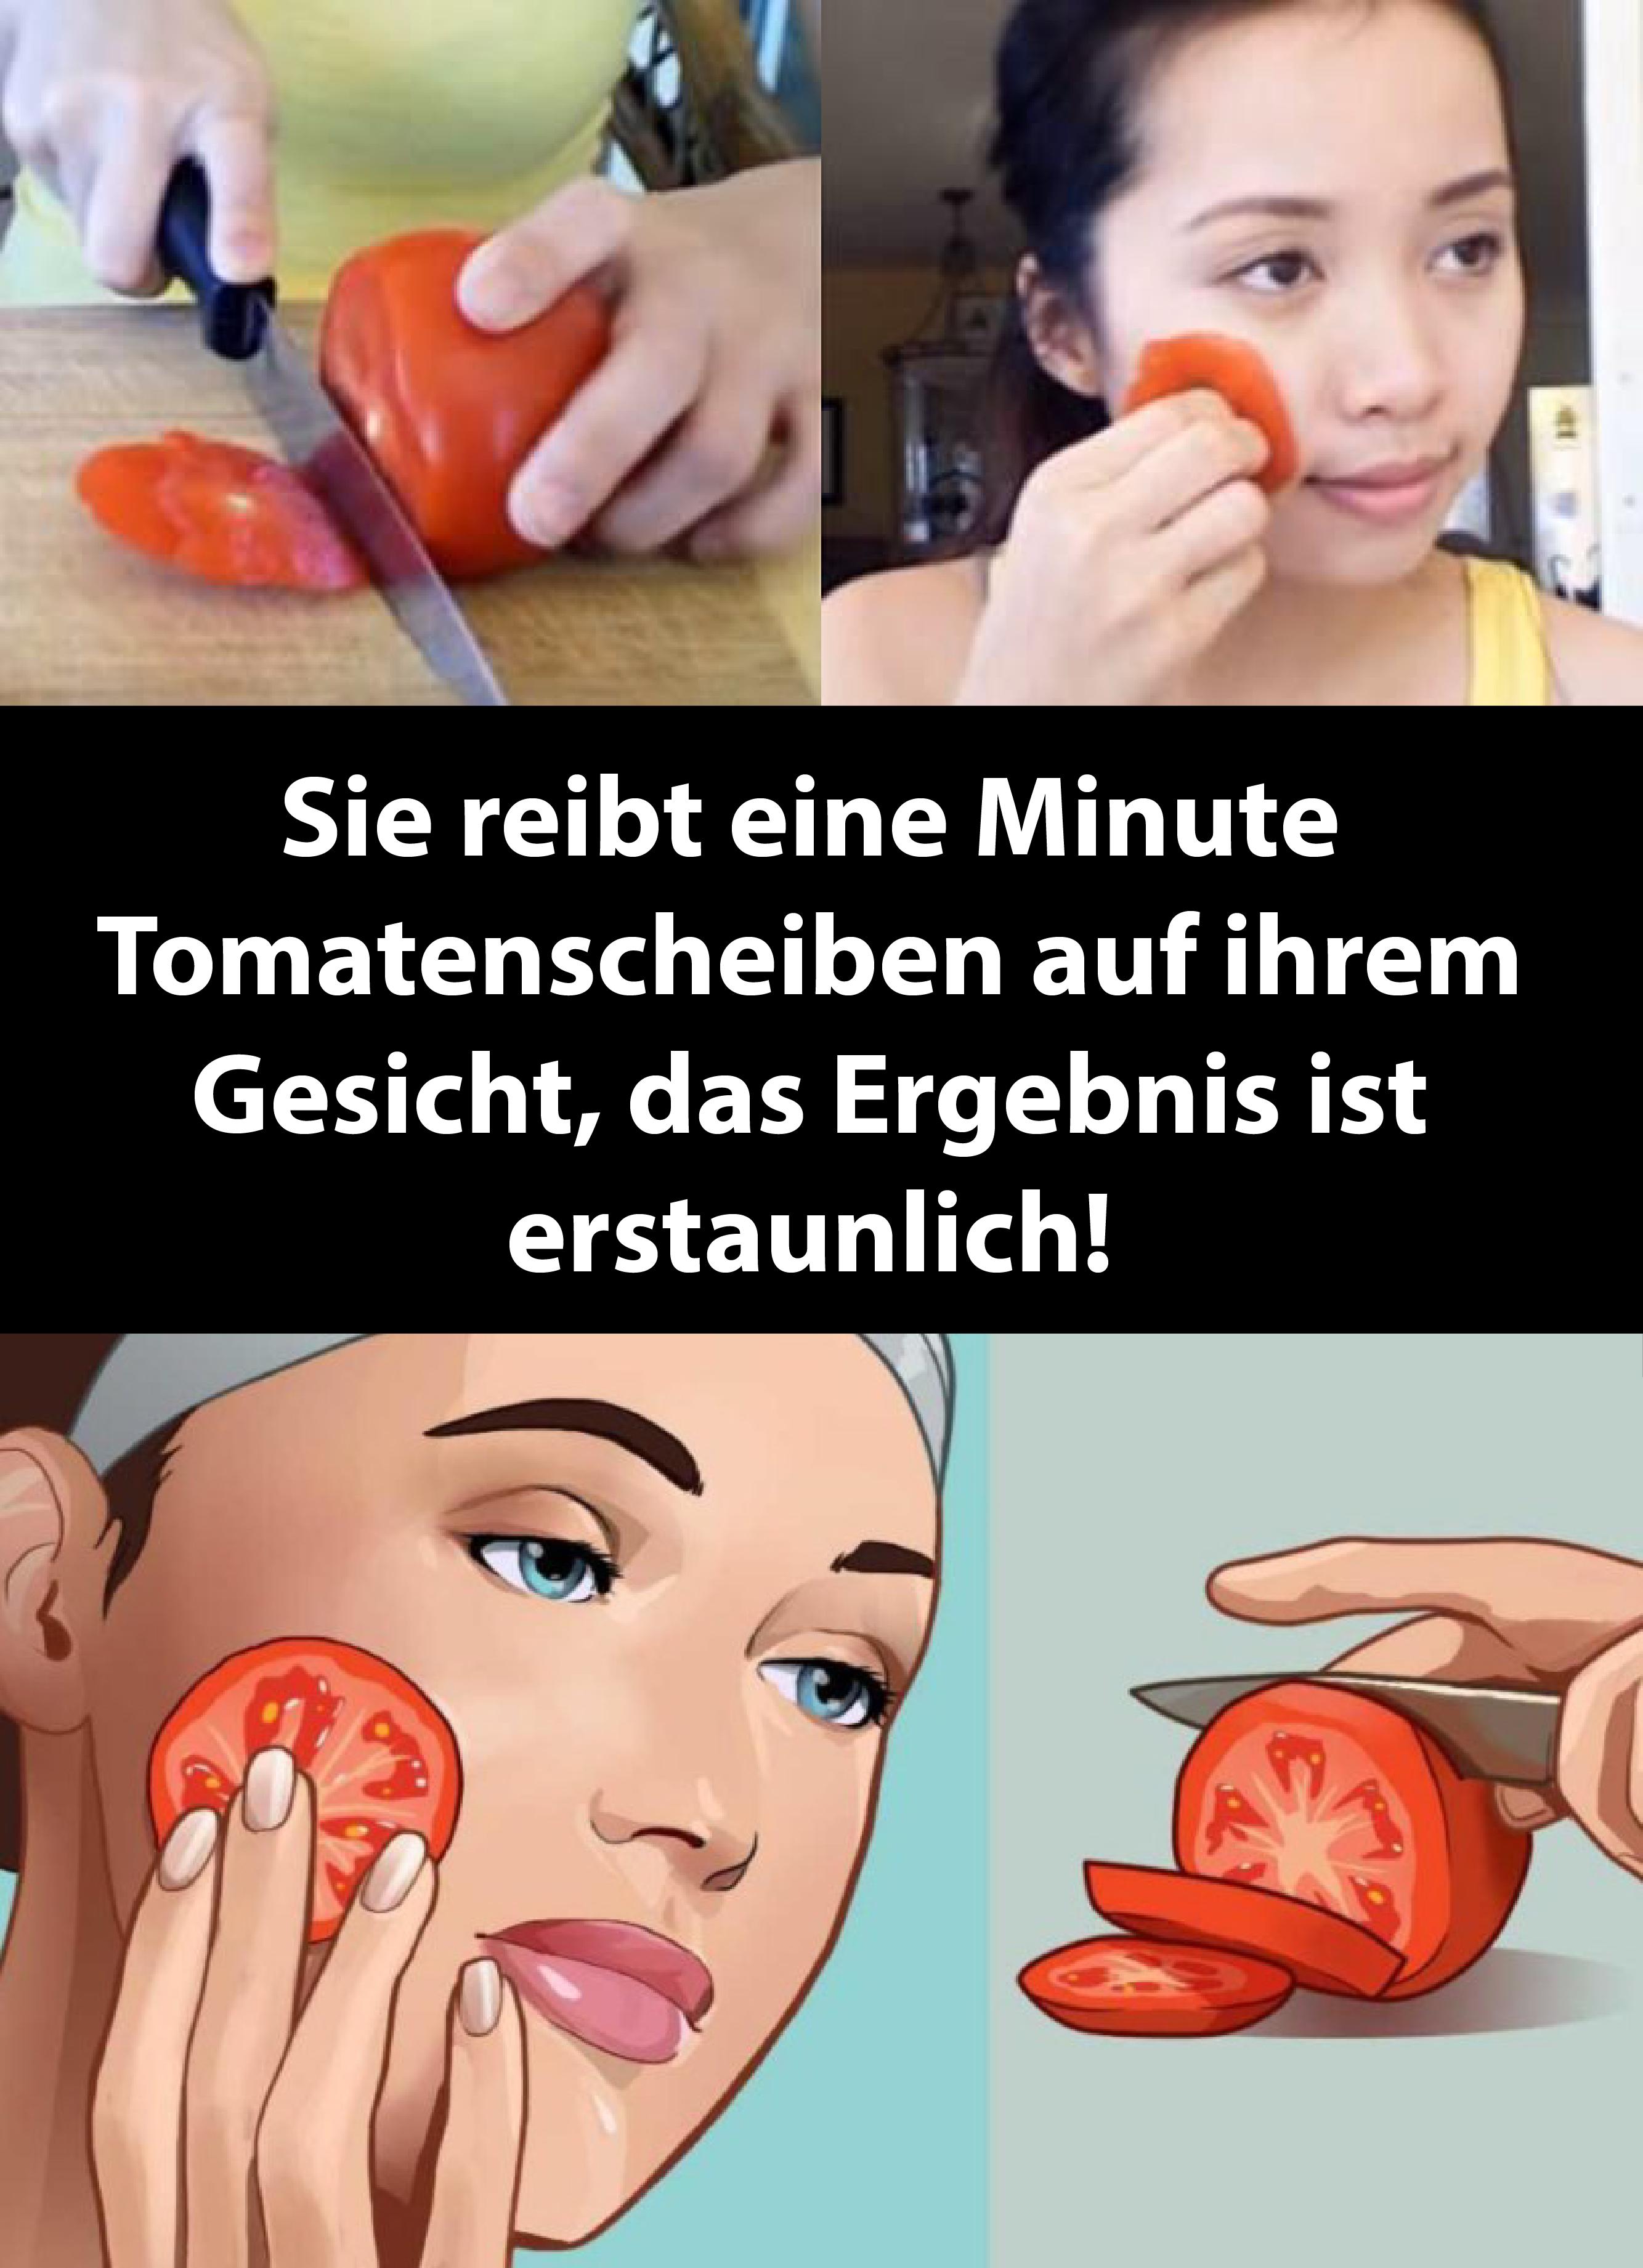 Sie reibt eine Minute Tomatenscheiben auf ihrem Gesicht ...